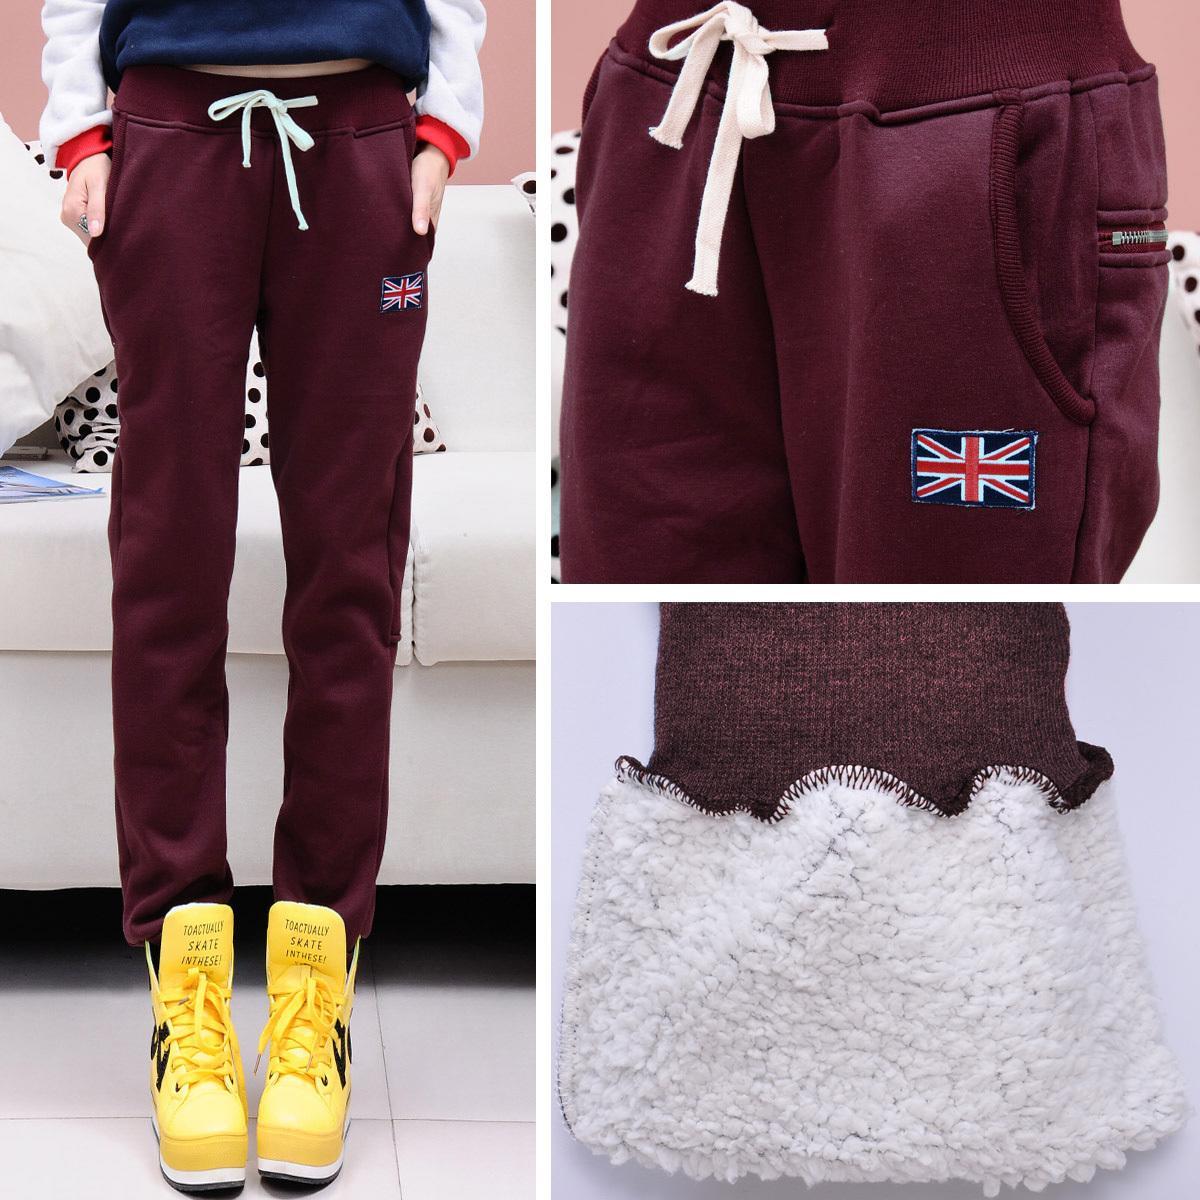 к 2015 году новые гарем брюки спортивные брюки женщин вскользь брюки утолщенными в осень и зима плюс бархат плюс здоровье зима loose хлопка брюки брюки